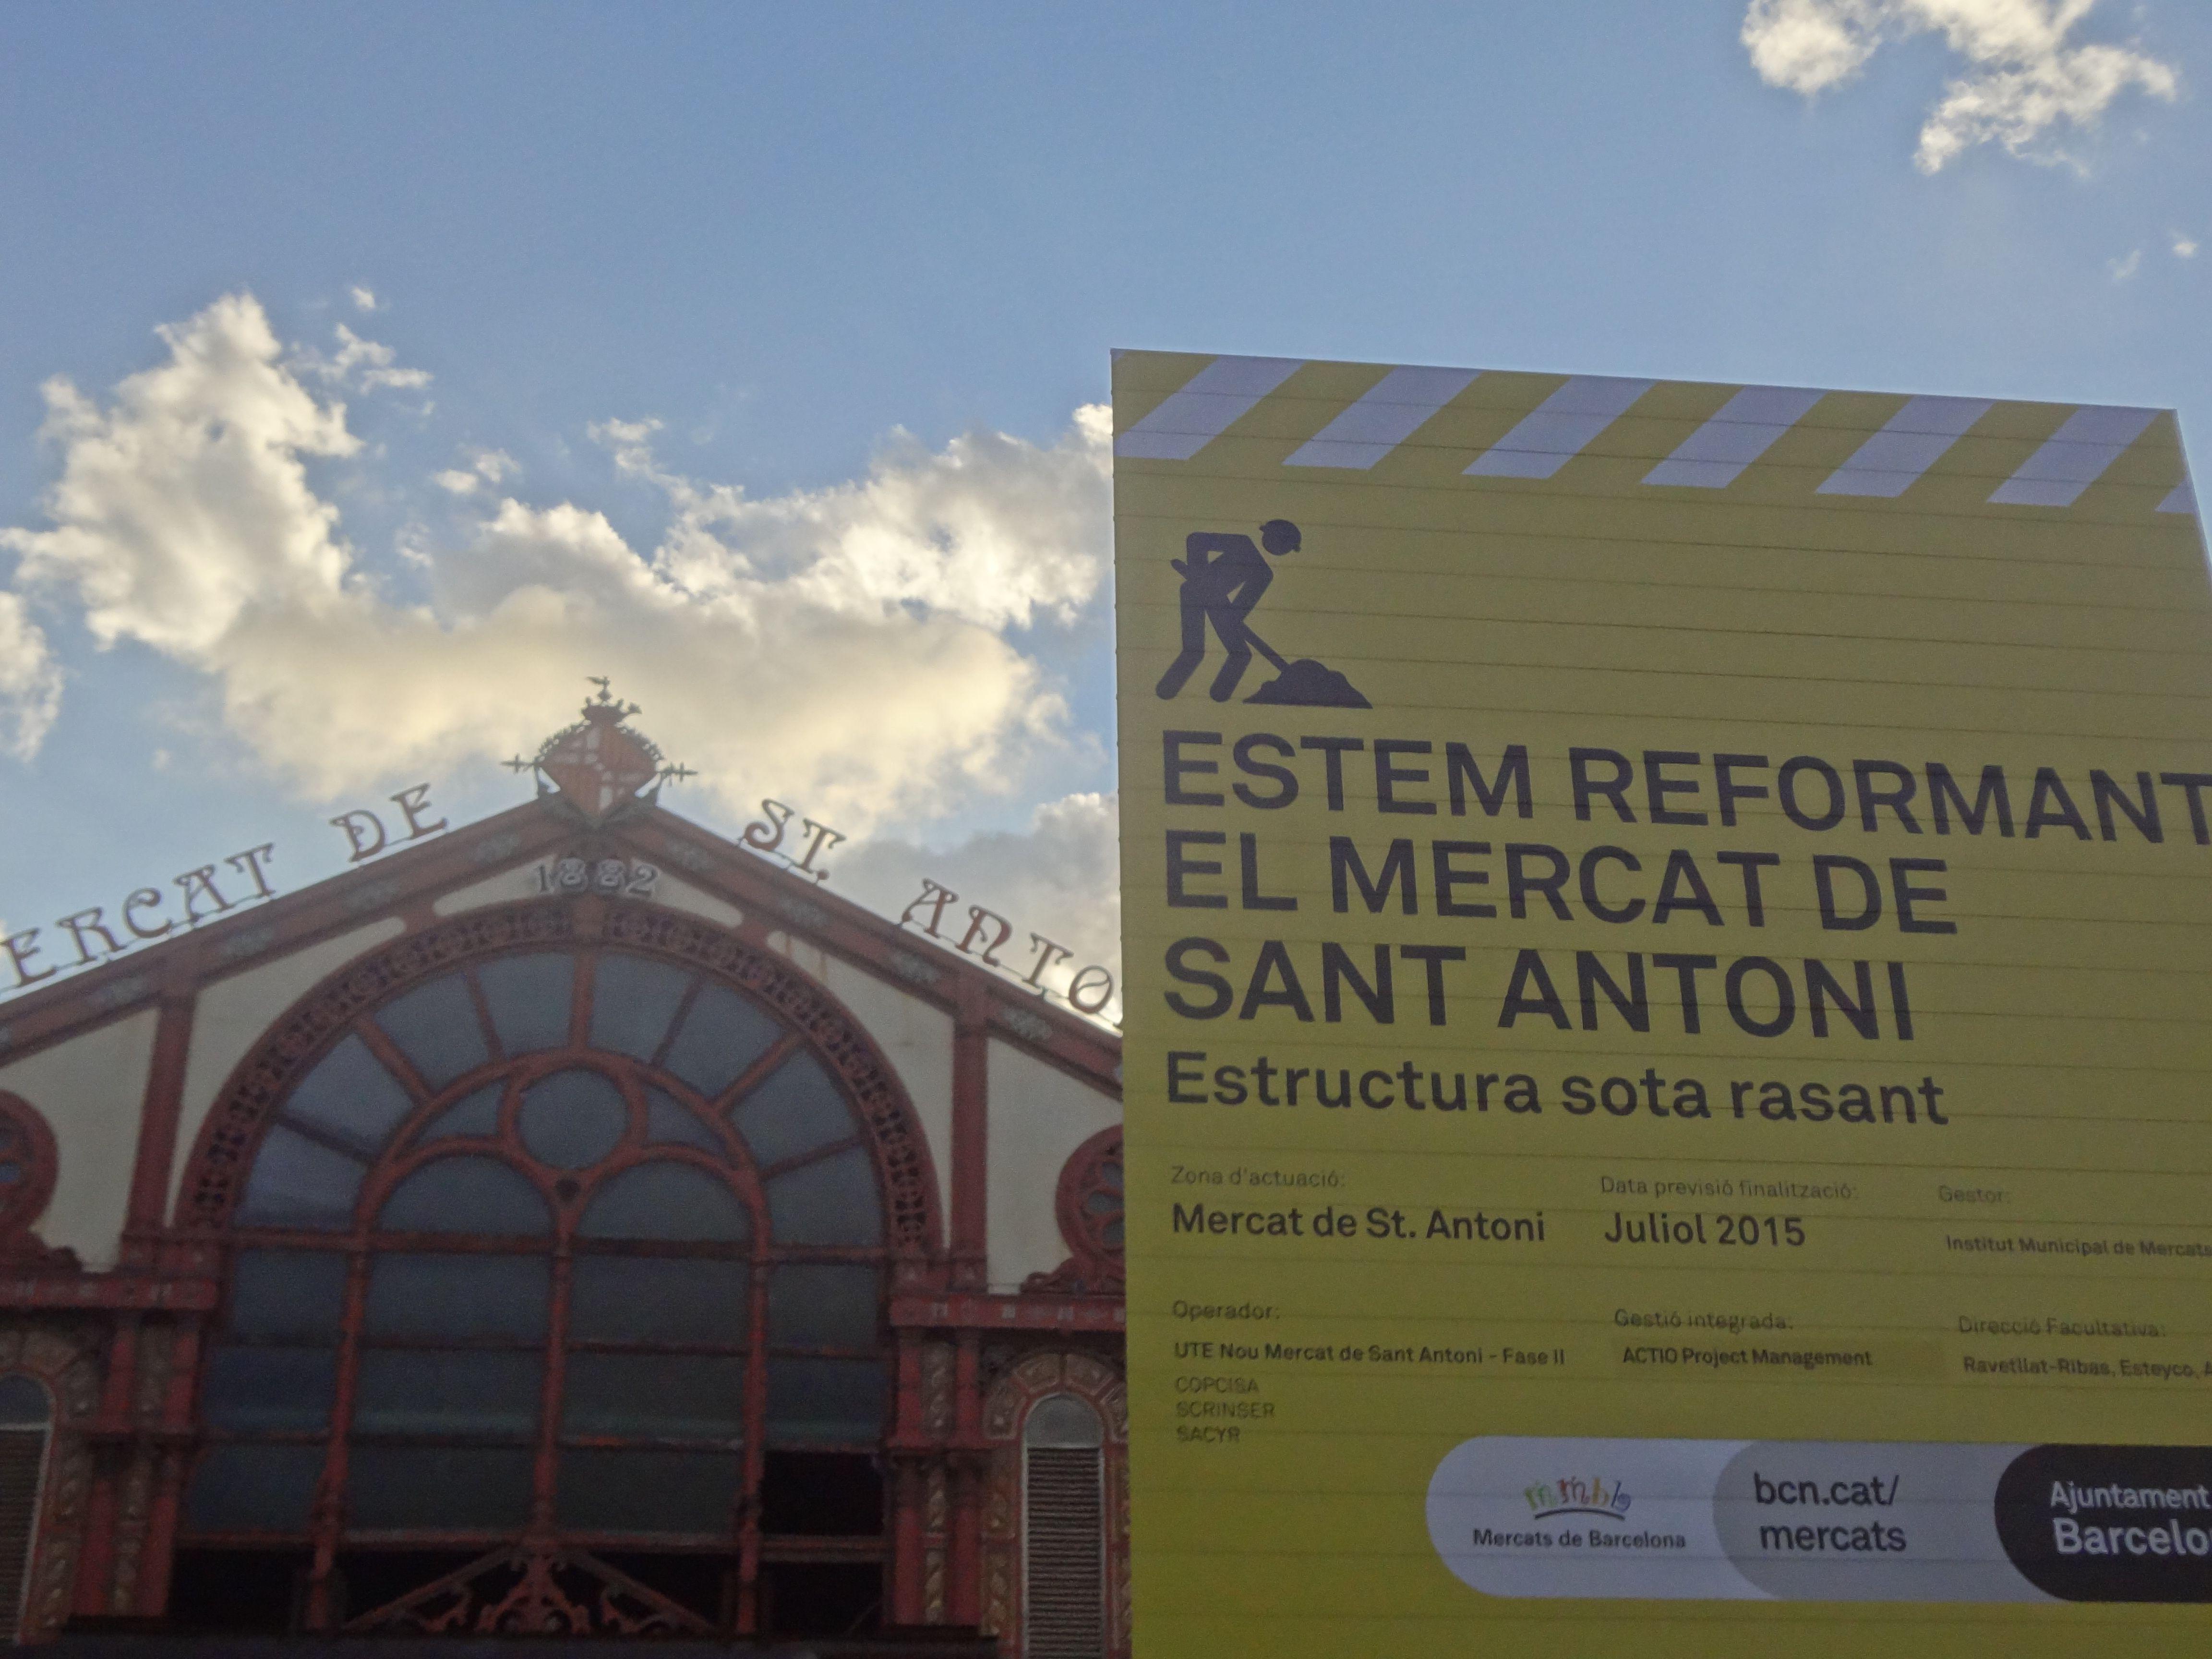 El Mercado de San Antonio es uno de los más importantes y grandes de Barcelona con una extensión que alcanza los 5.214 m². Fue el primer edificio de esas caraterísticas en construirse según el plan original de Ildefons Cerdà ahora en Obras Julio 2014